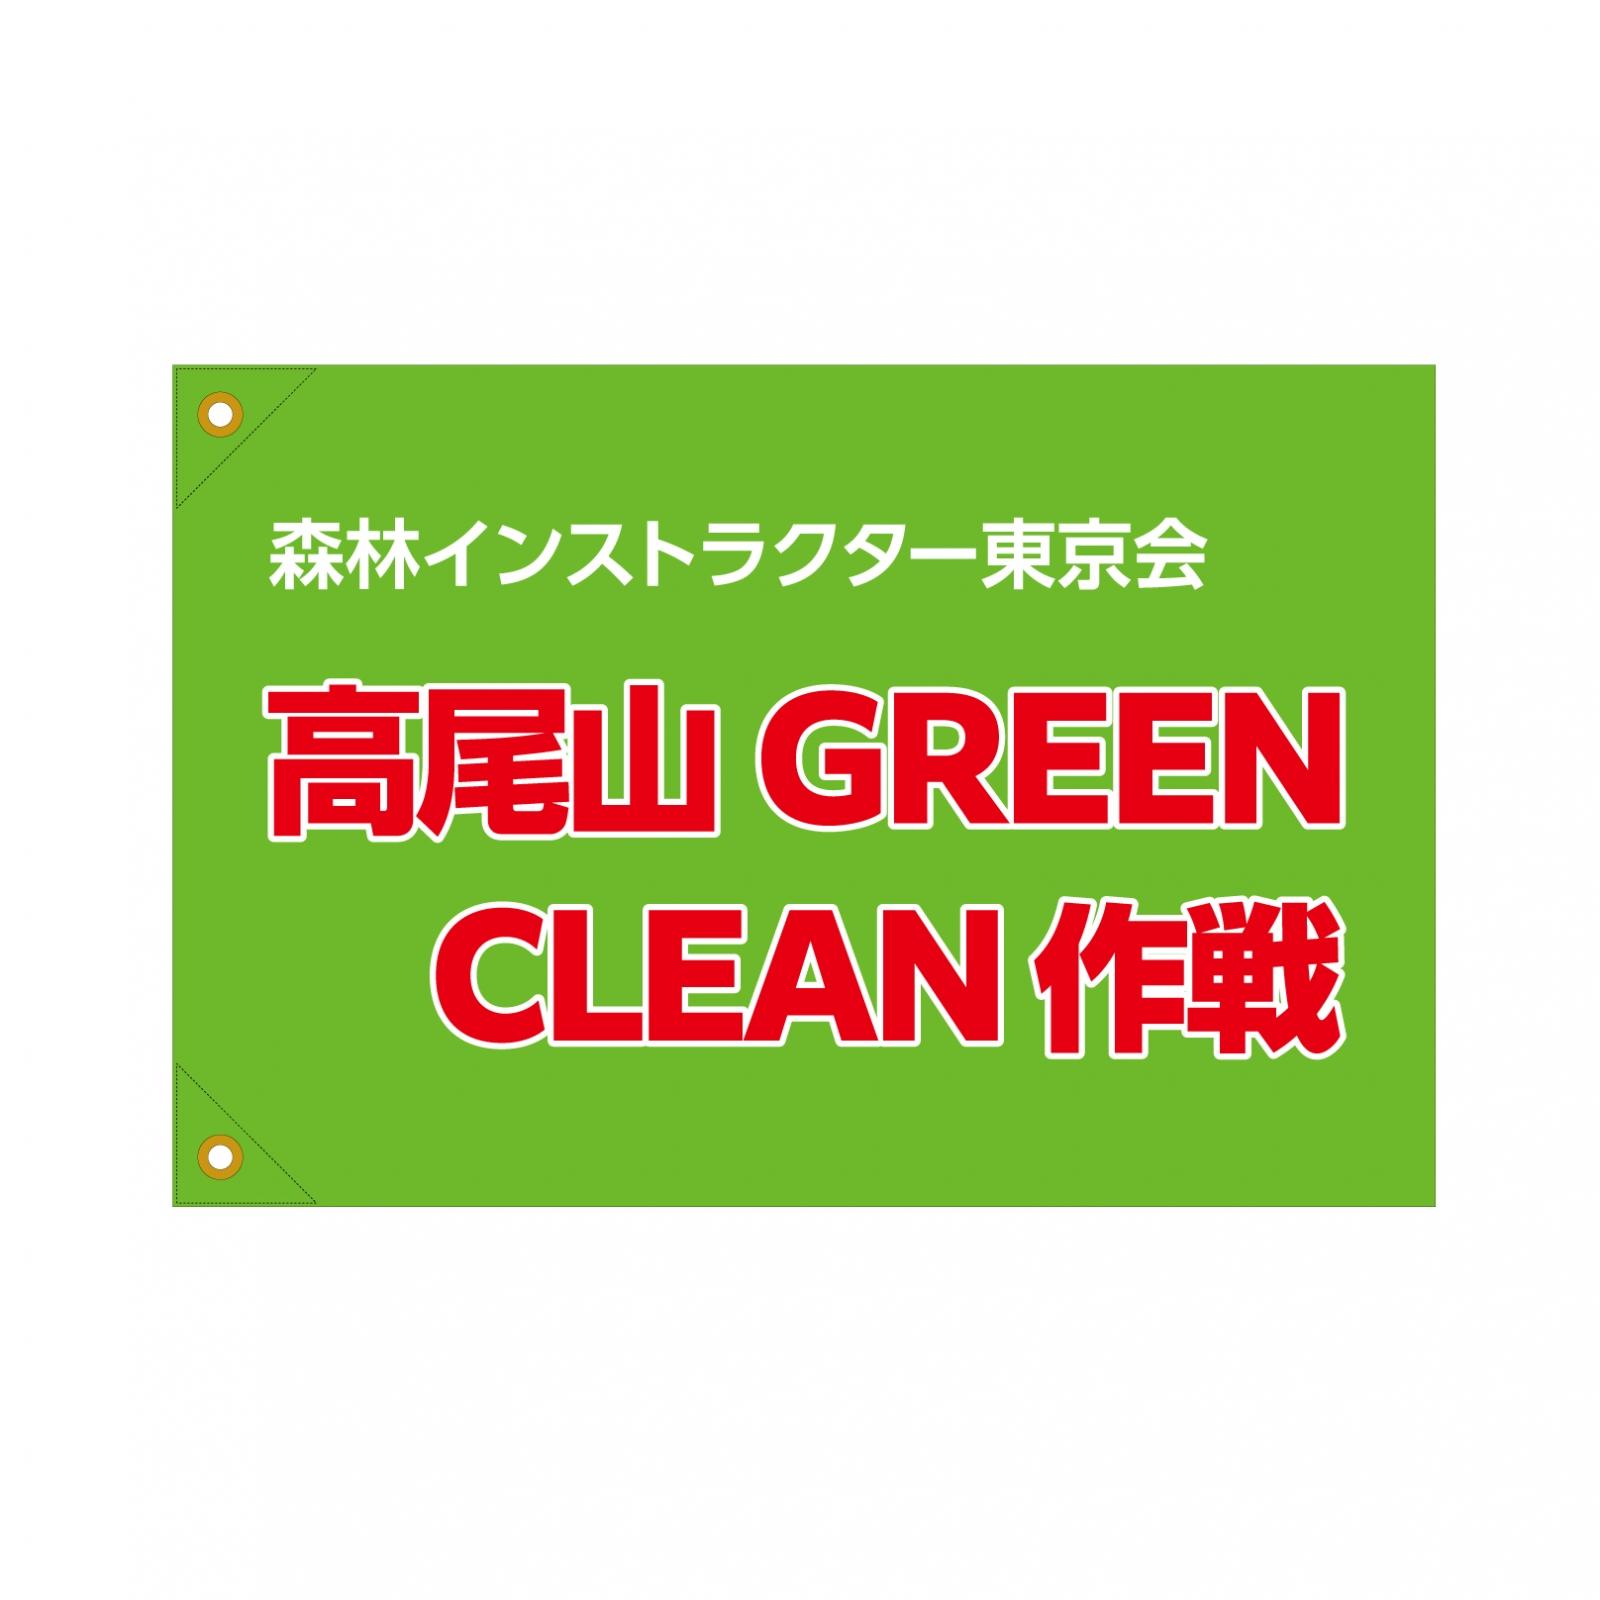 清掃活動の手旗